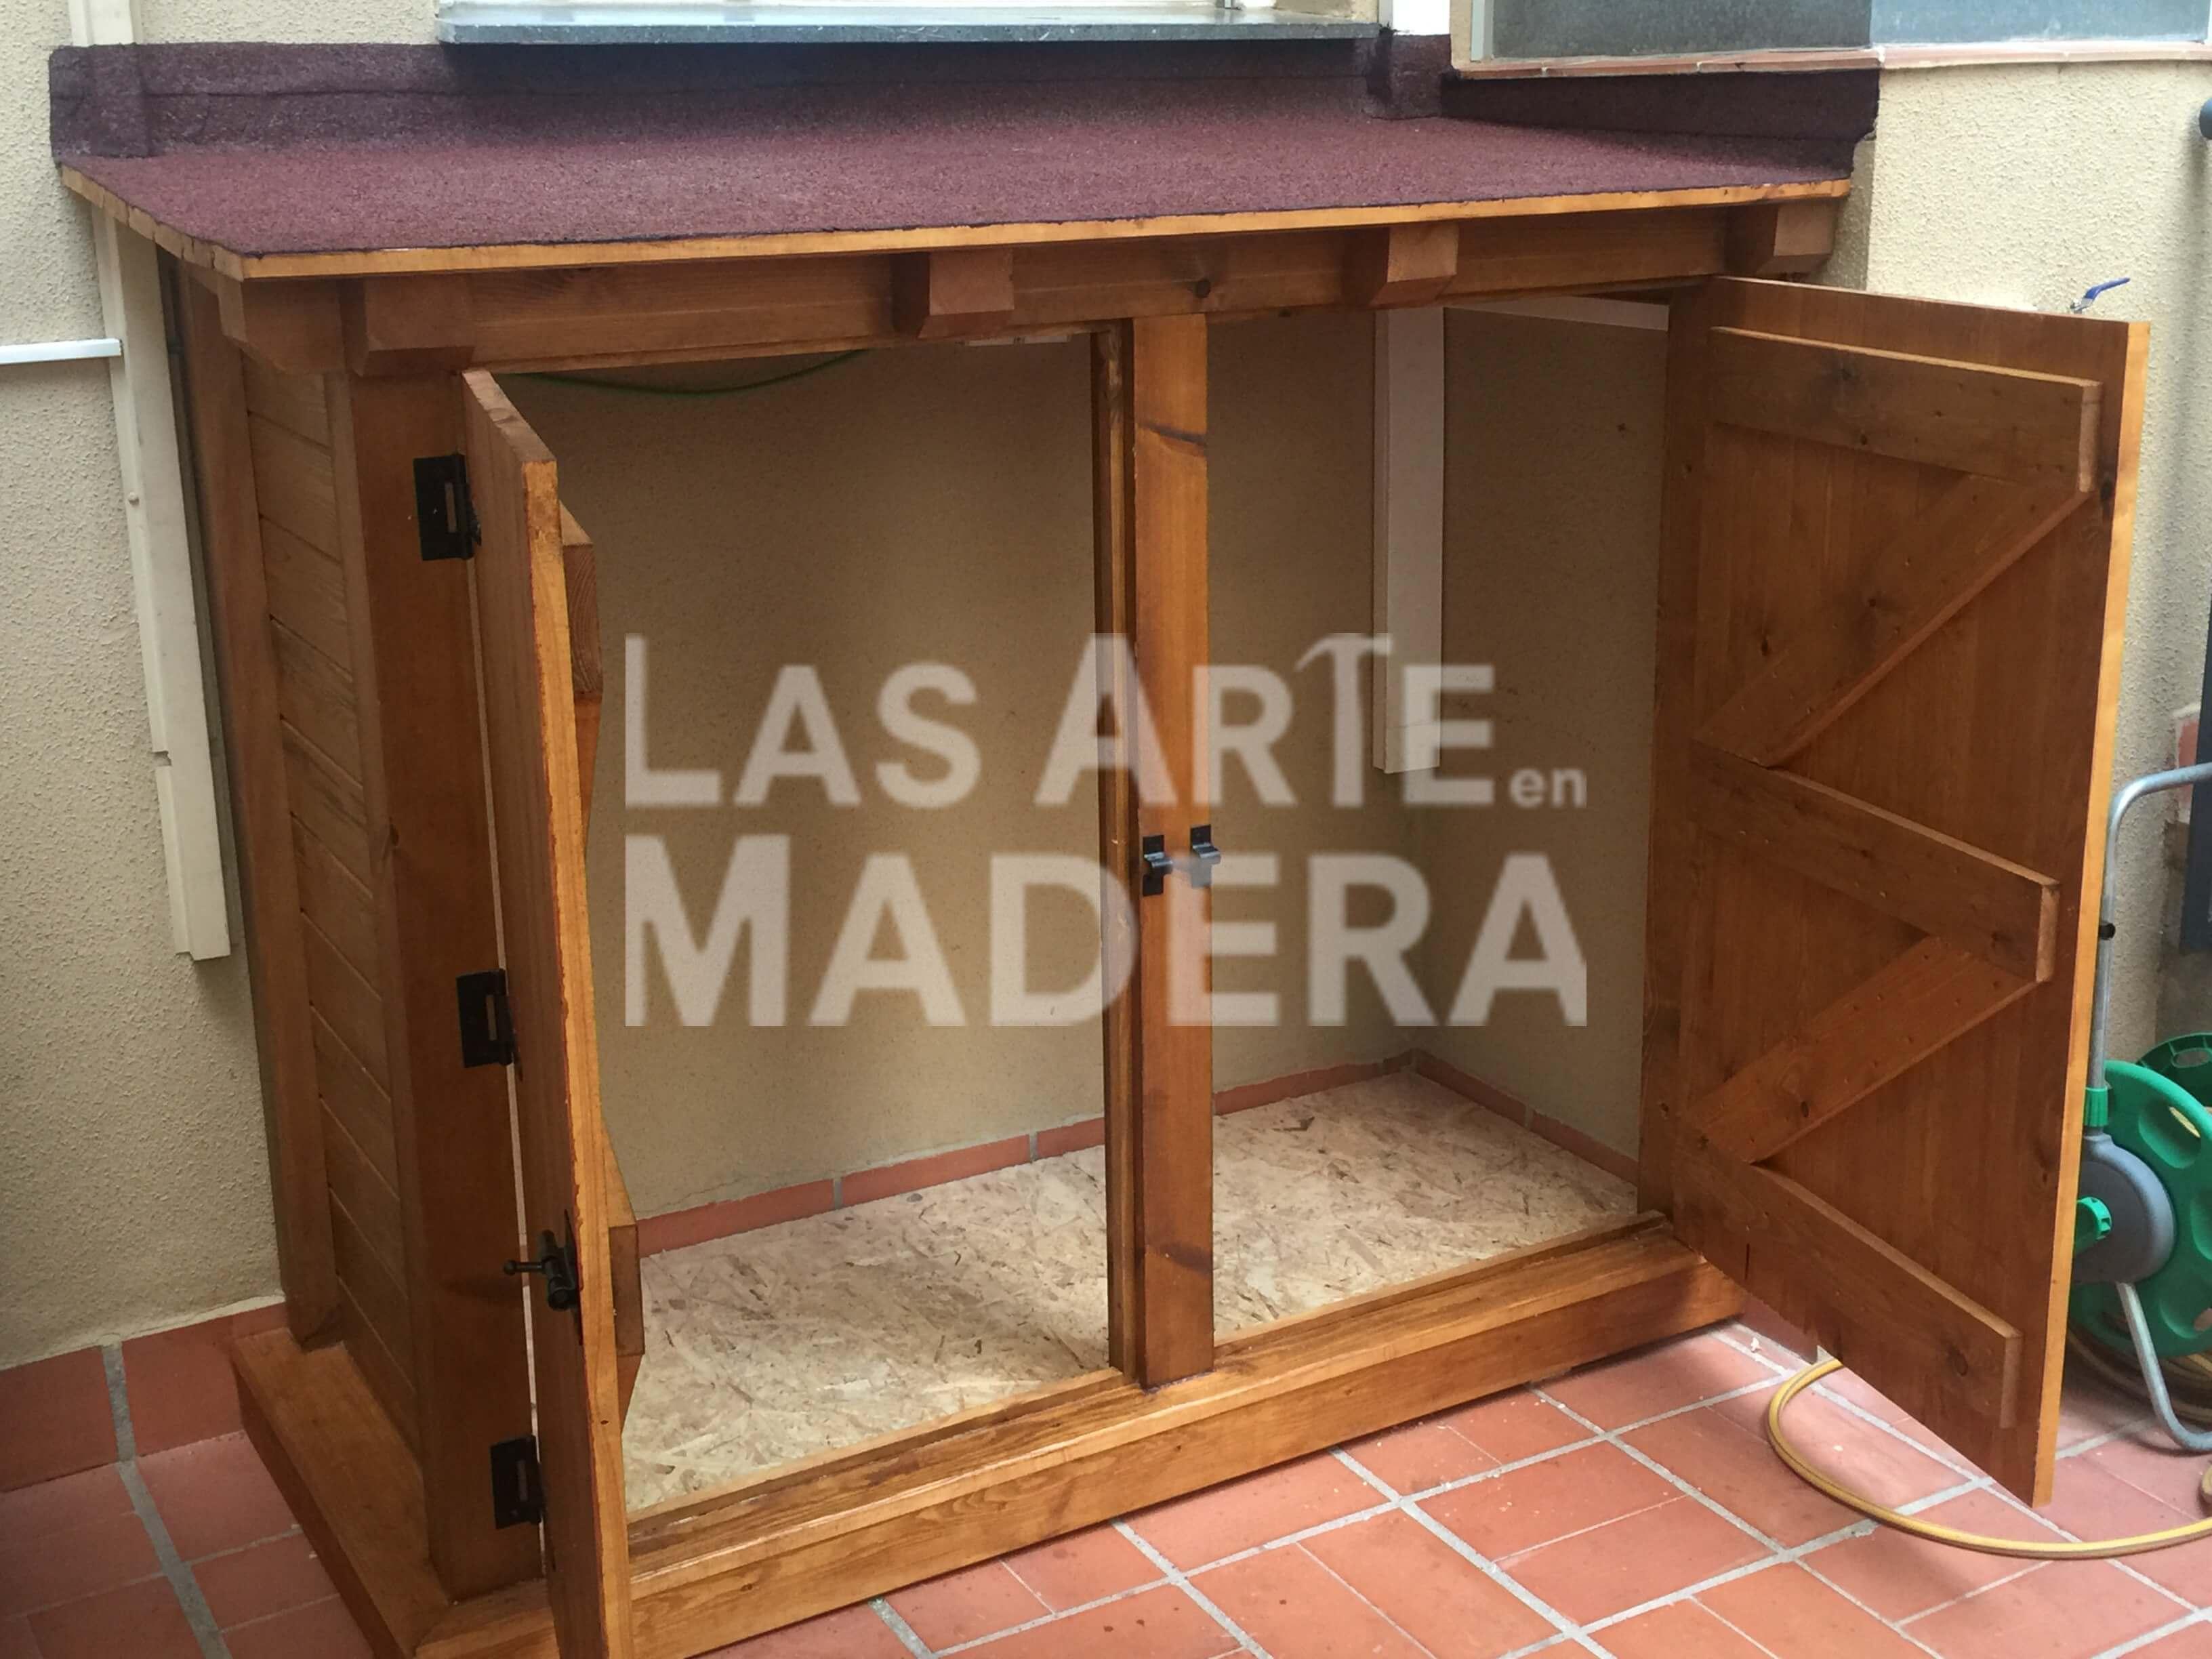 Como hacer una caseta de madera simple como hacer caseta de madera como hacer caseta de madera - Hacer caseta de madera ...